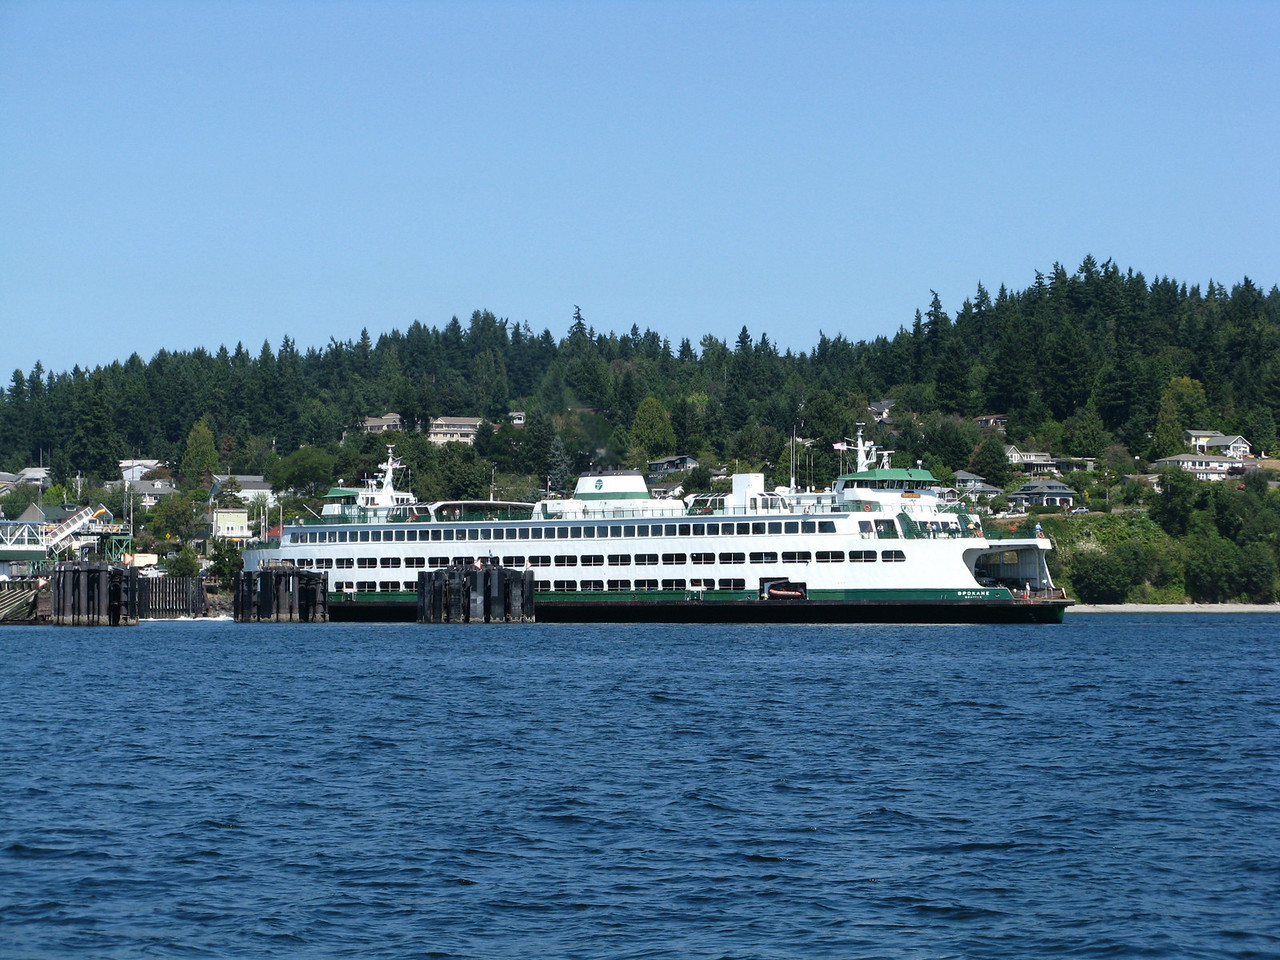 The Kingston-Edmonds ferry leaving the Kingston ferry dock.